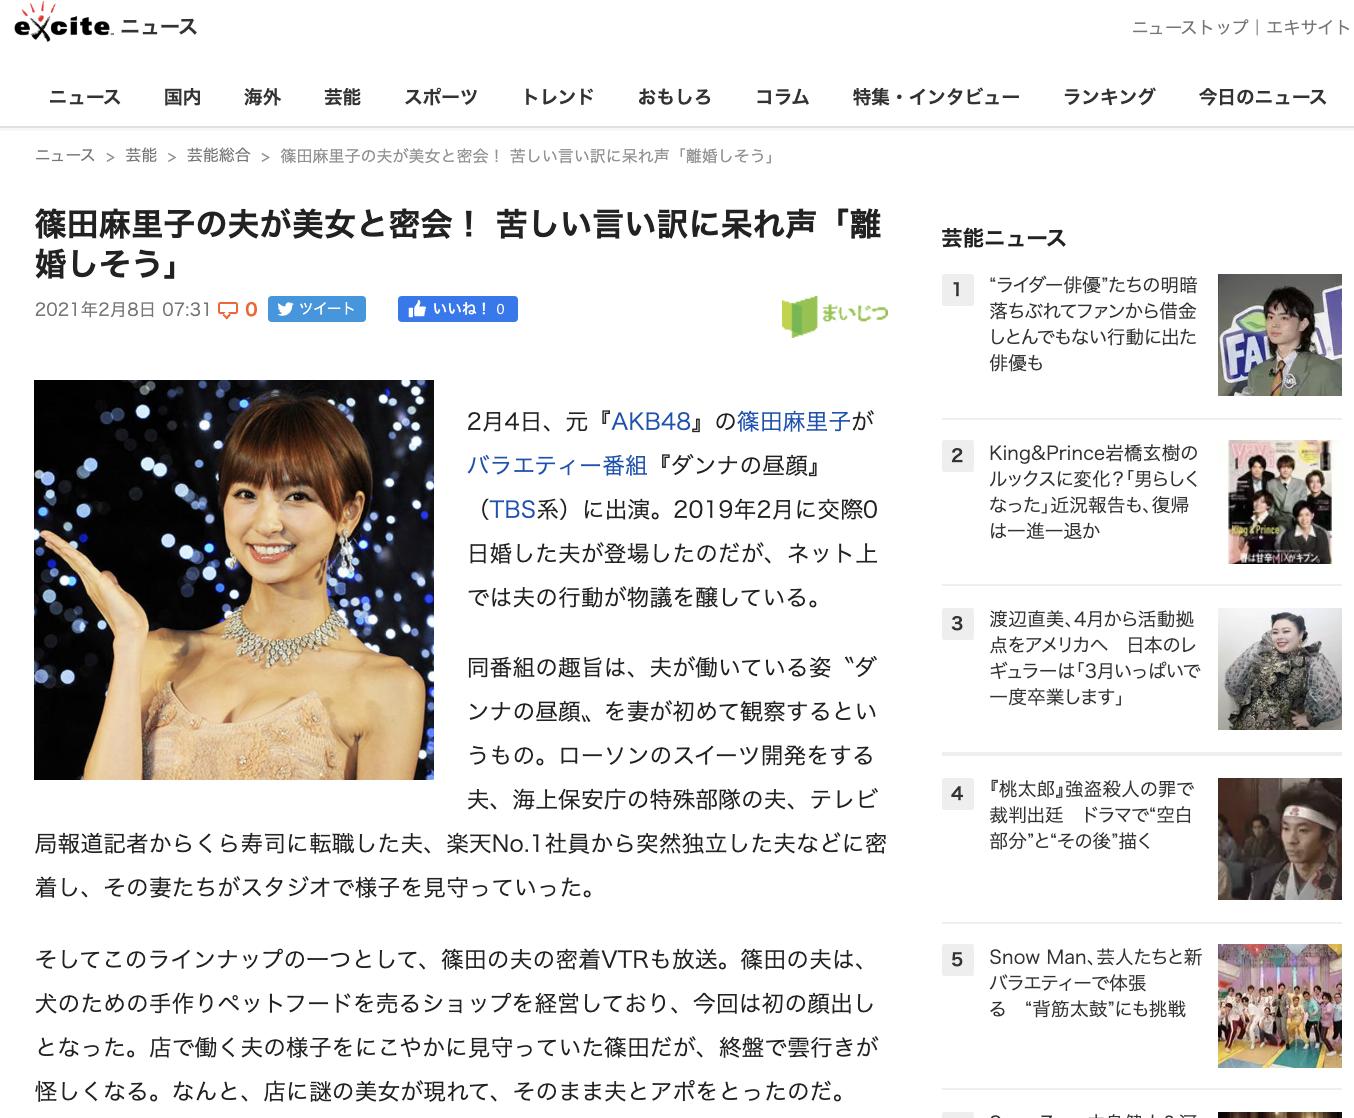 篠田麻里子の夫が美女と密会! 苦しい言い訳に呆れ声「離婚しそう」